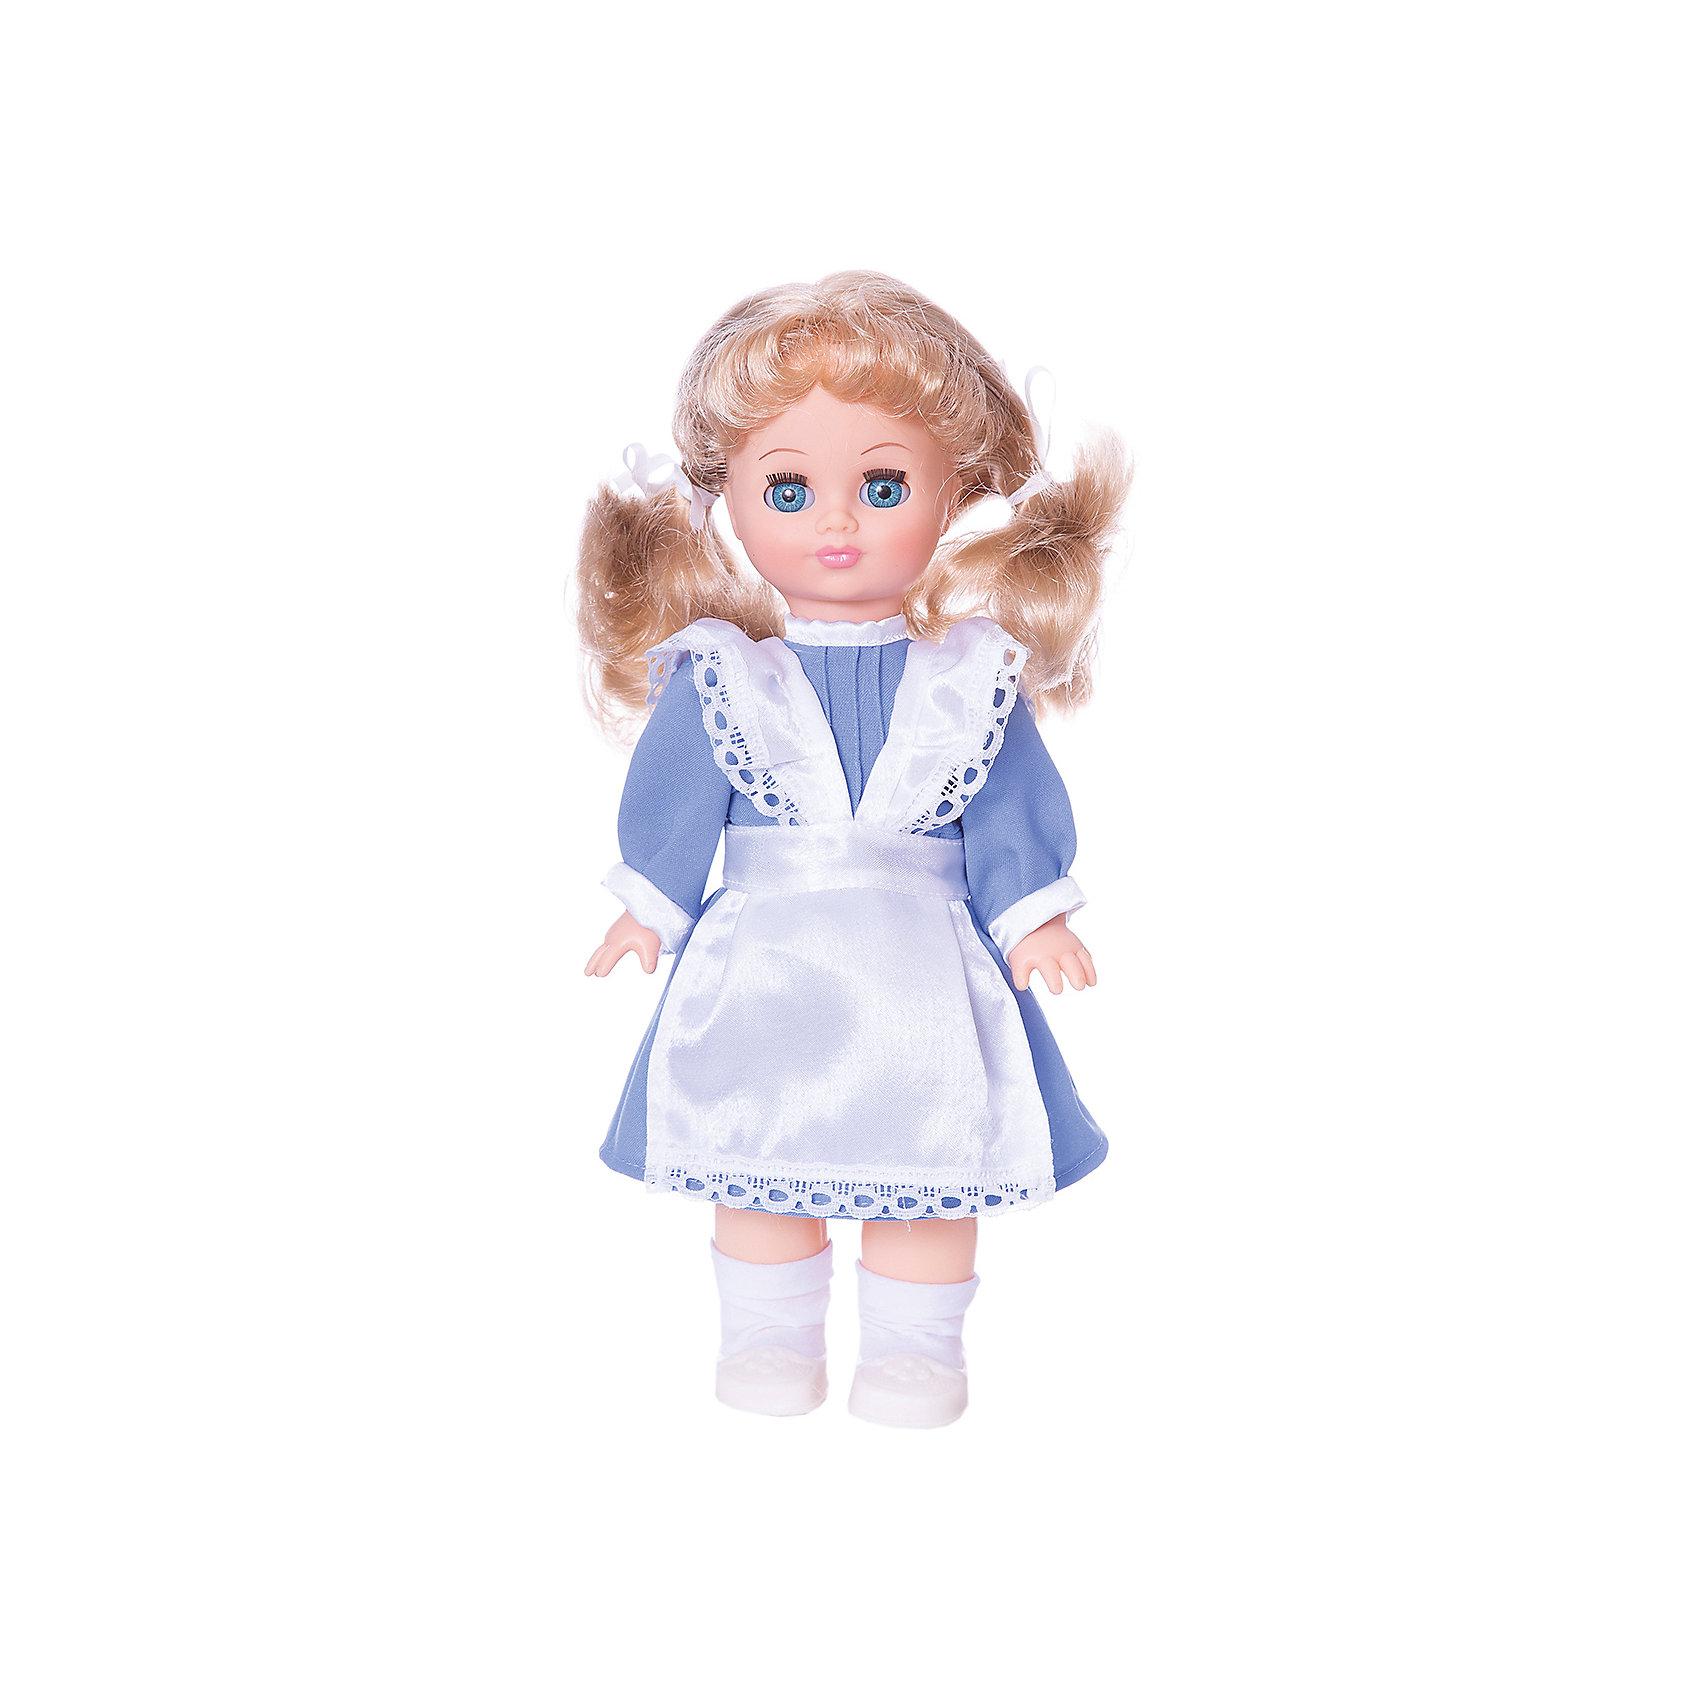 Весна Кукла Олеся 2, со звуком, 35,5 см , Весна кукла весна алсу 35 см со звуком в1634 о